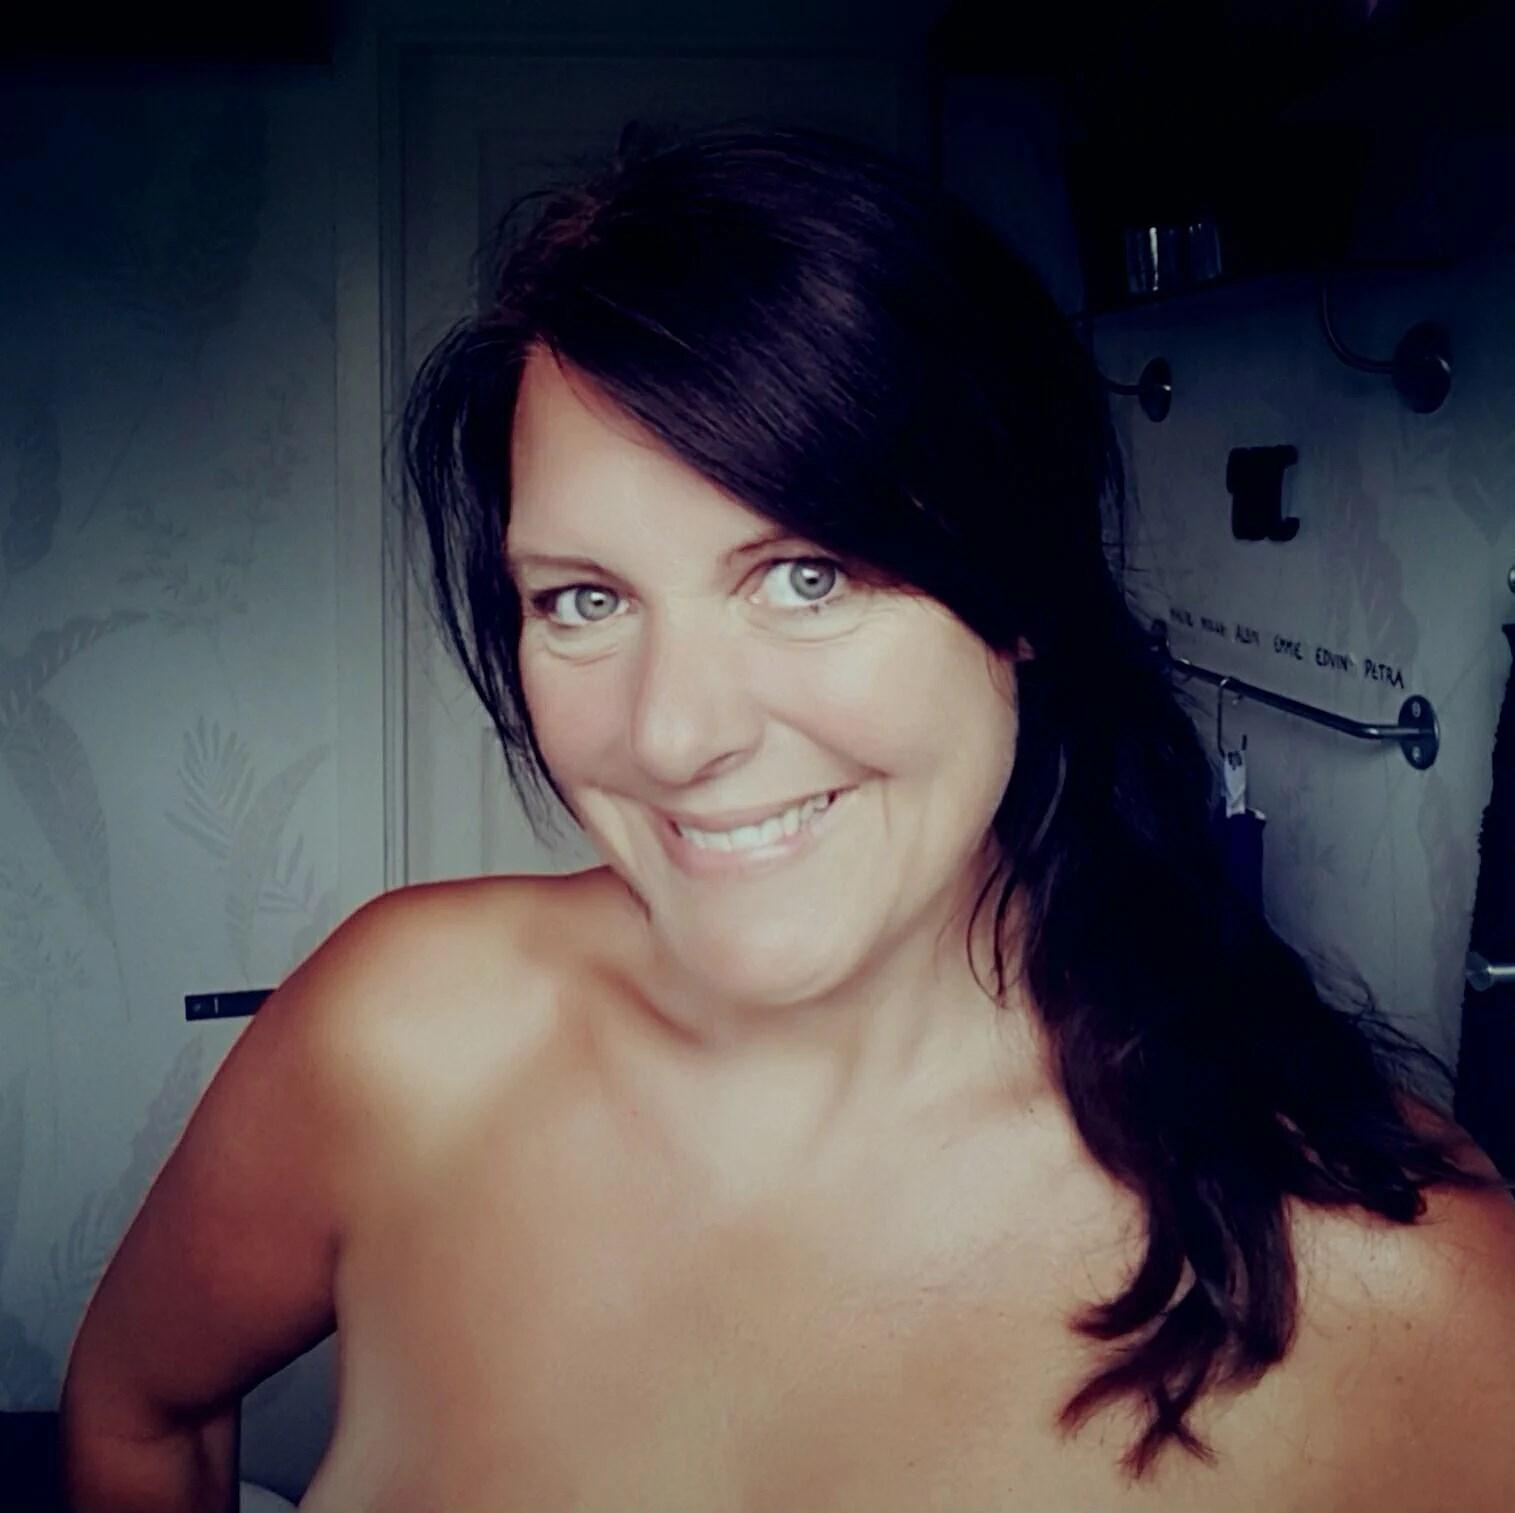 Sexiga unga porr bilder